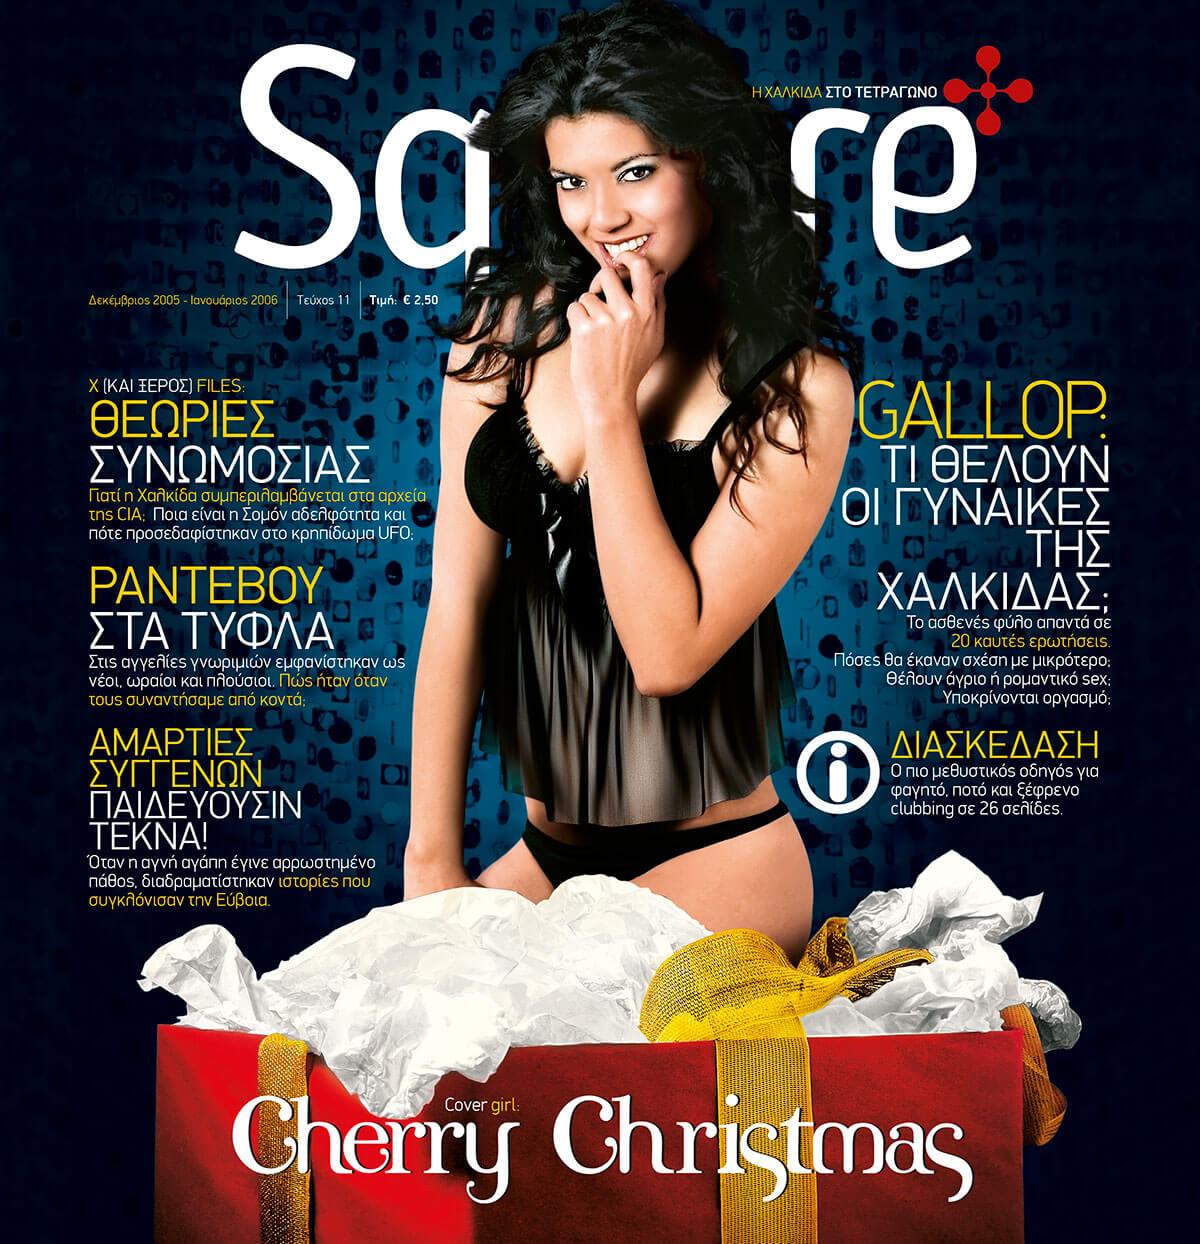 1-Εξώφυλλο-Square-τεύχος-11-Μοντέλο-Τσέρη-Αλίμου-Φωτογραφία-Βάγιας-Κατσός